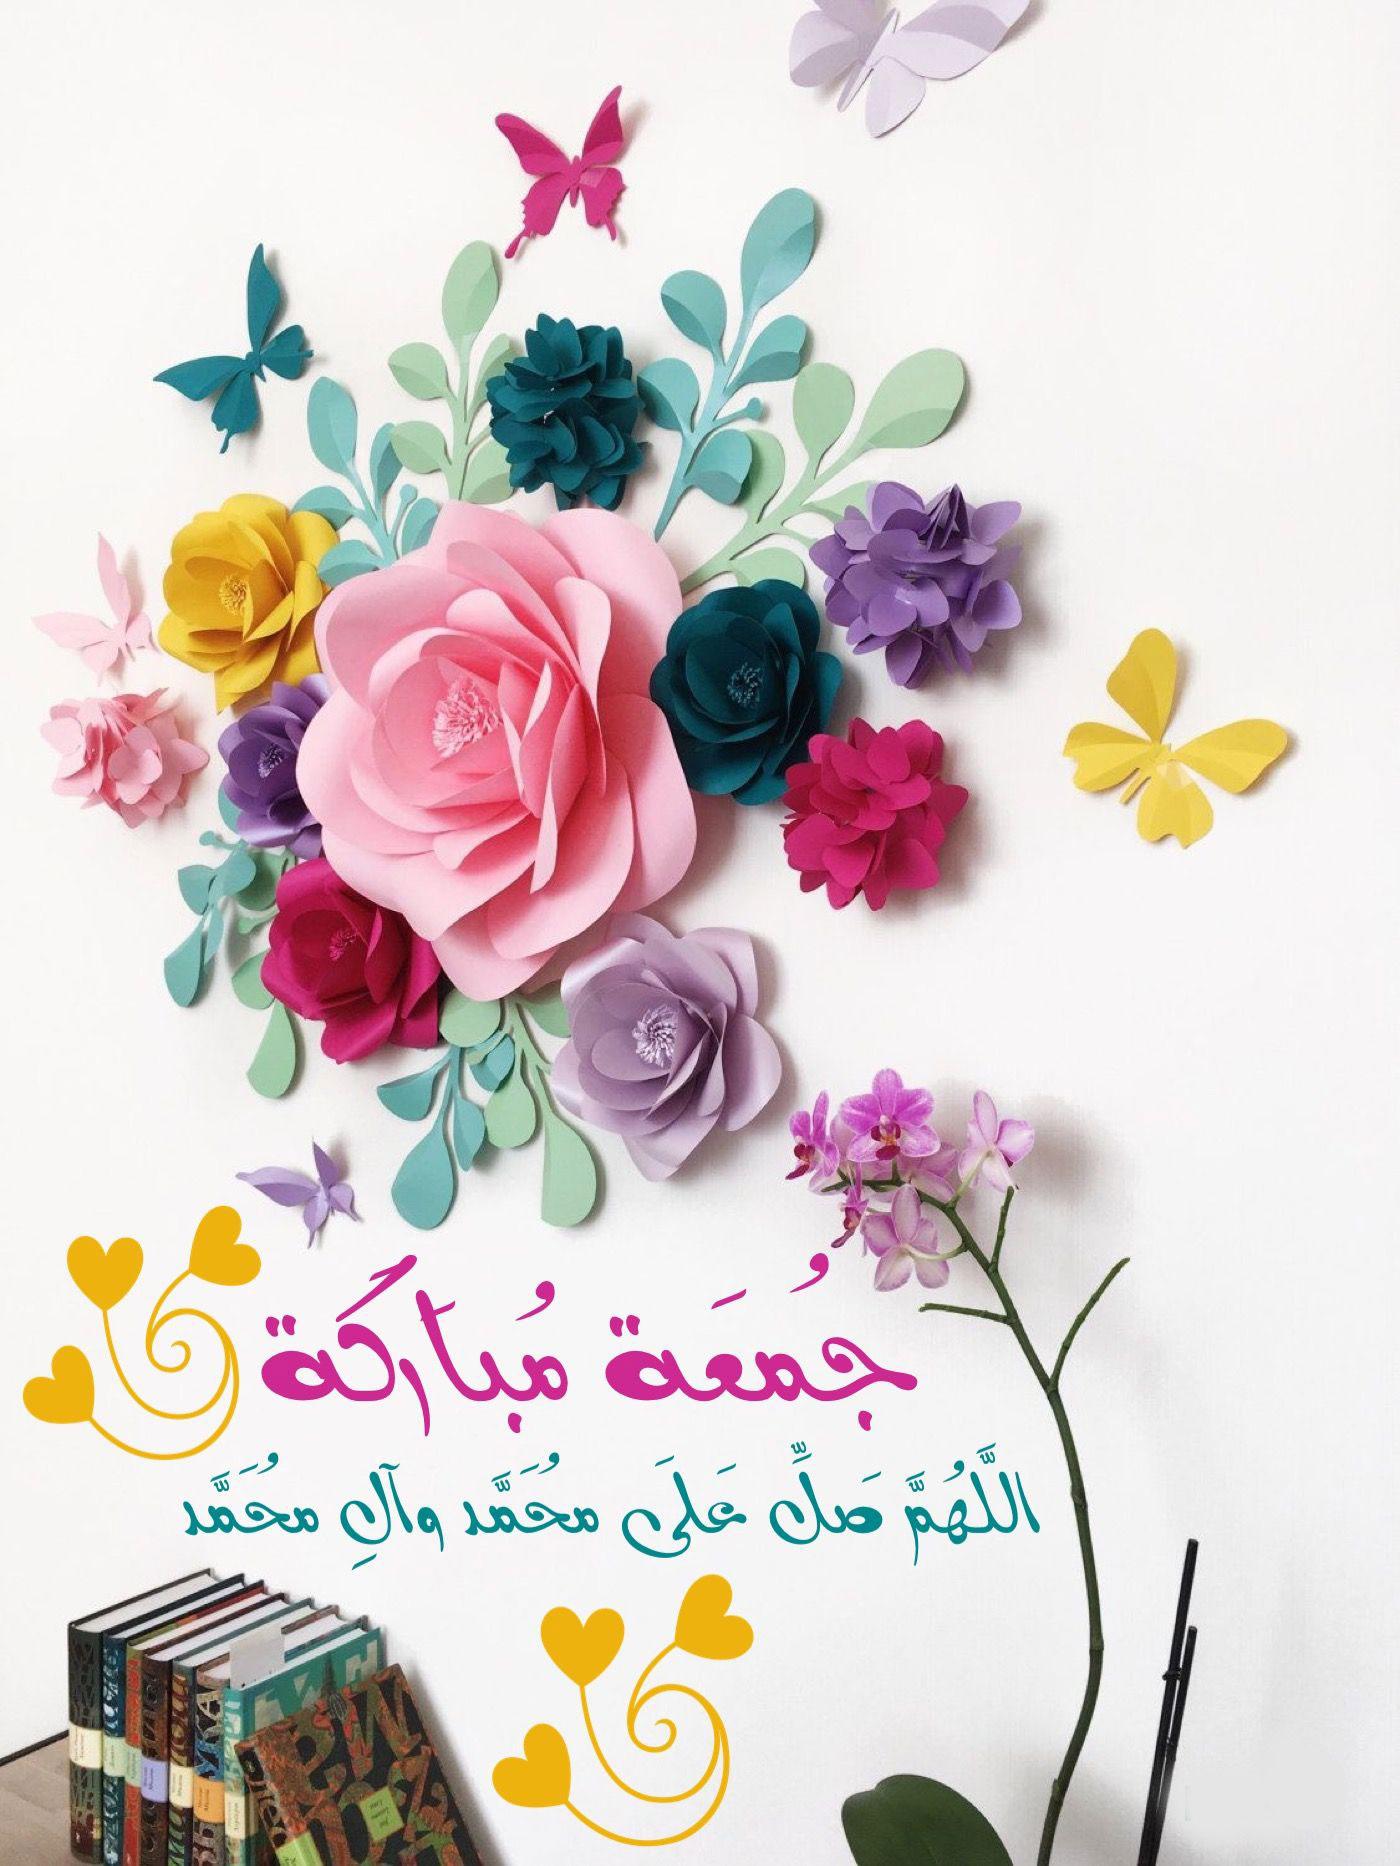 بالصور صباح الجمعه , كلمات جميله عن الجمعه المباركه 3901 5